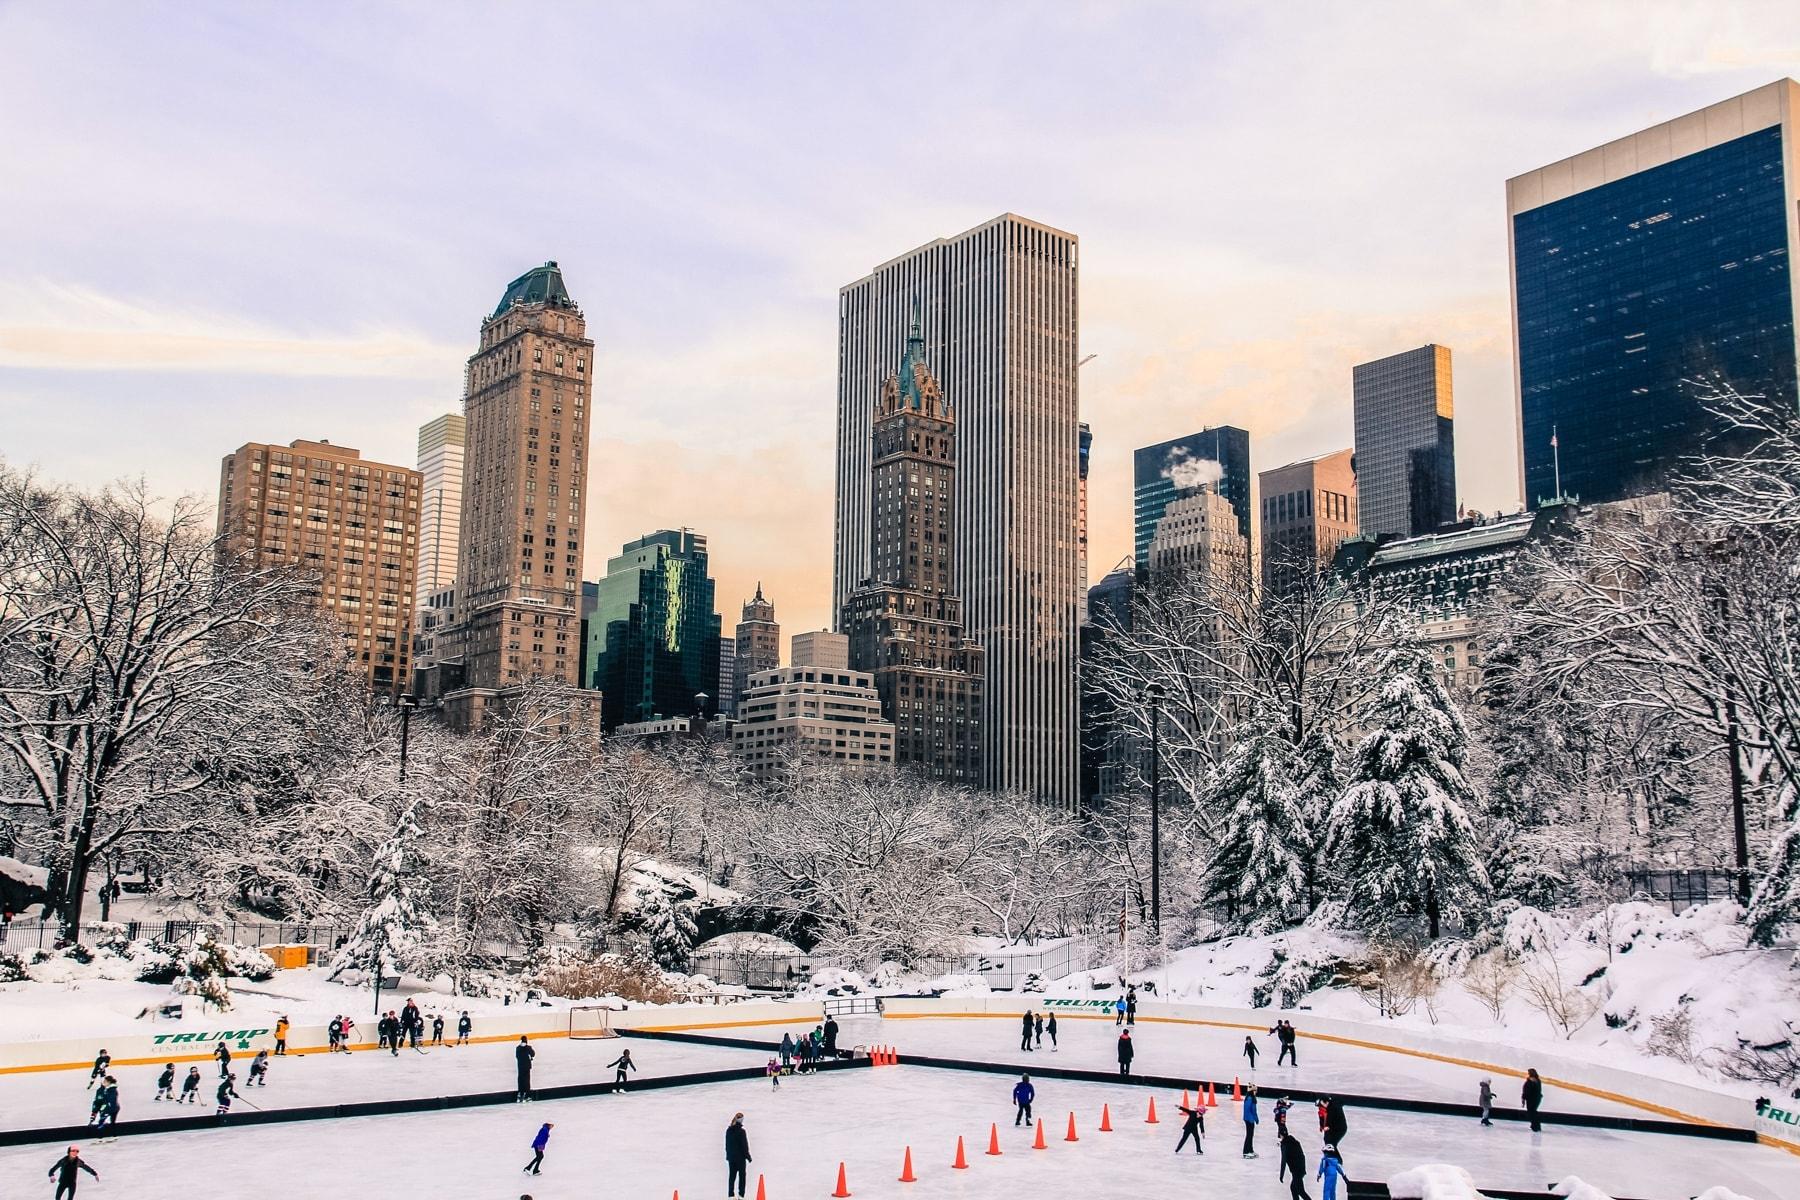 美國紐約中央公園,圖片取自www.weswap.com。